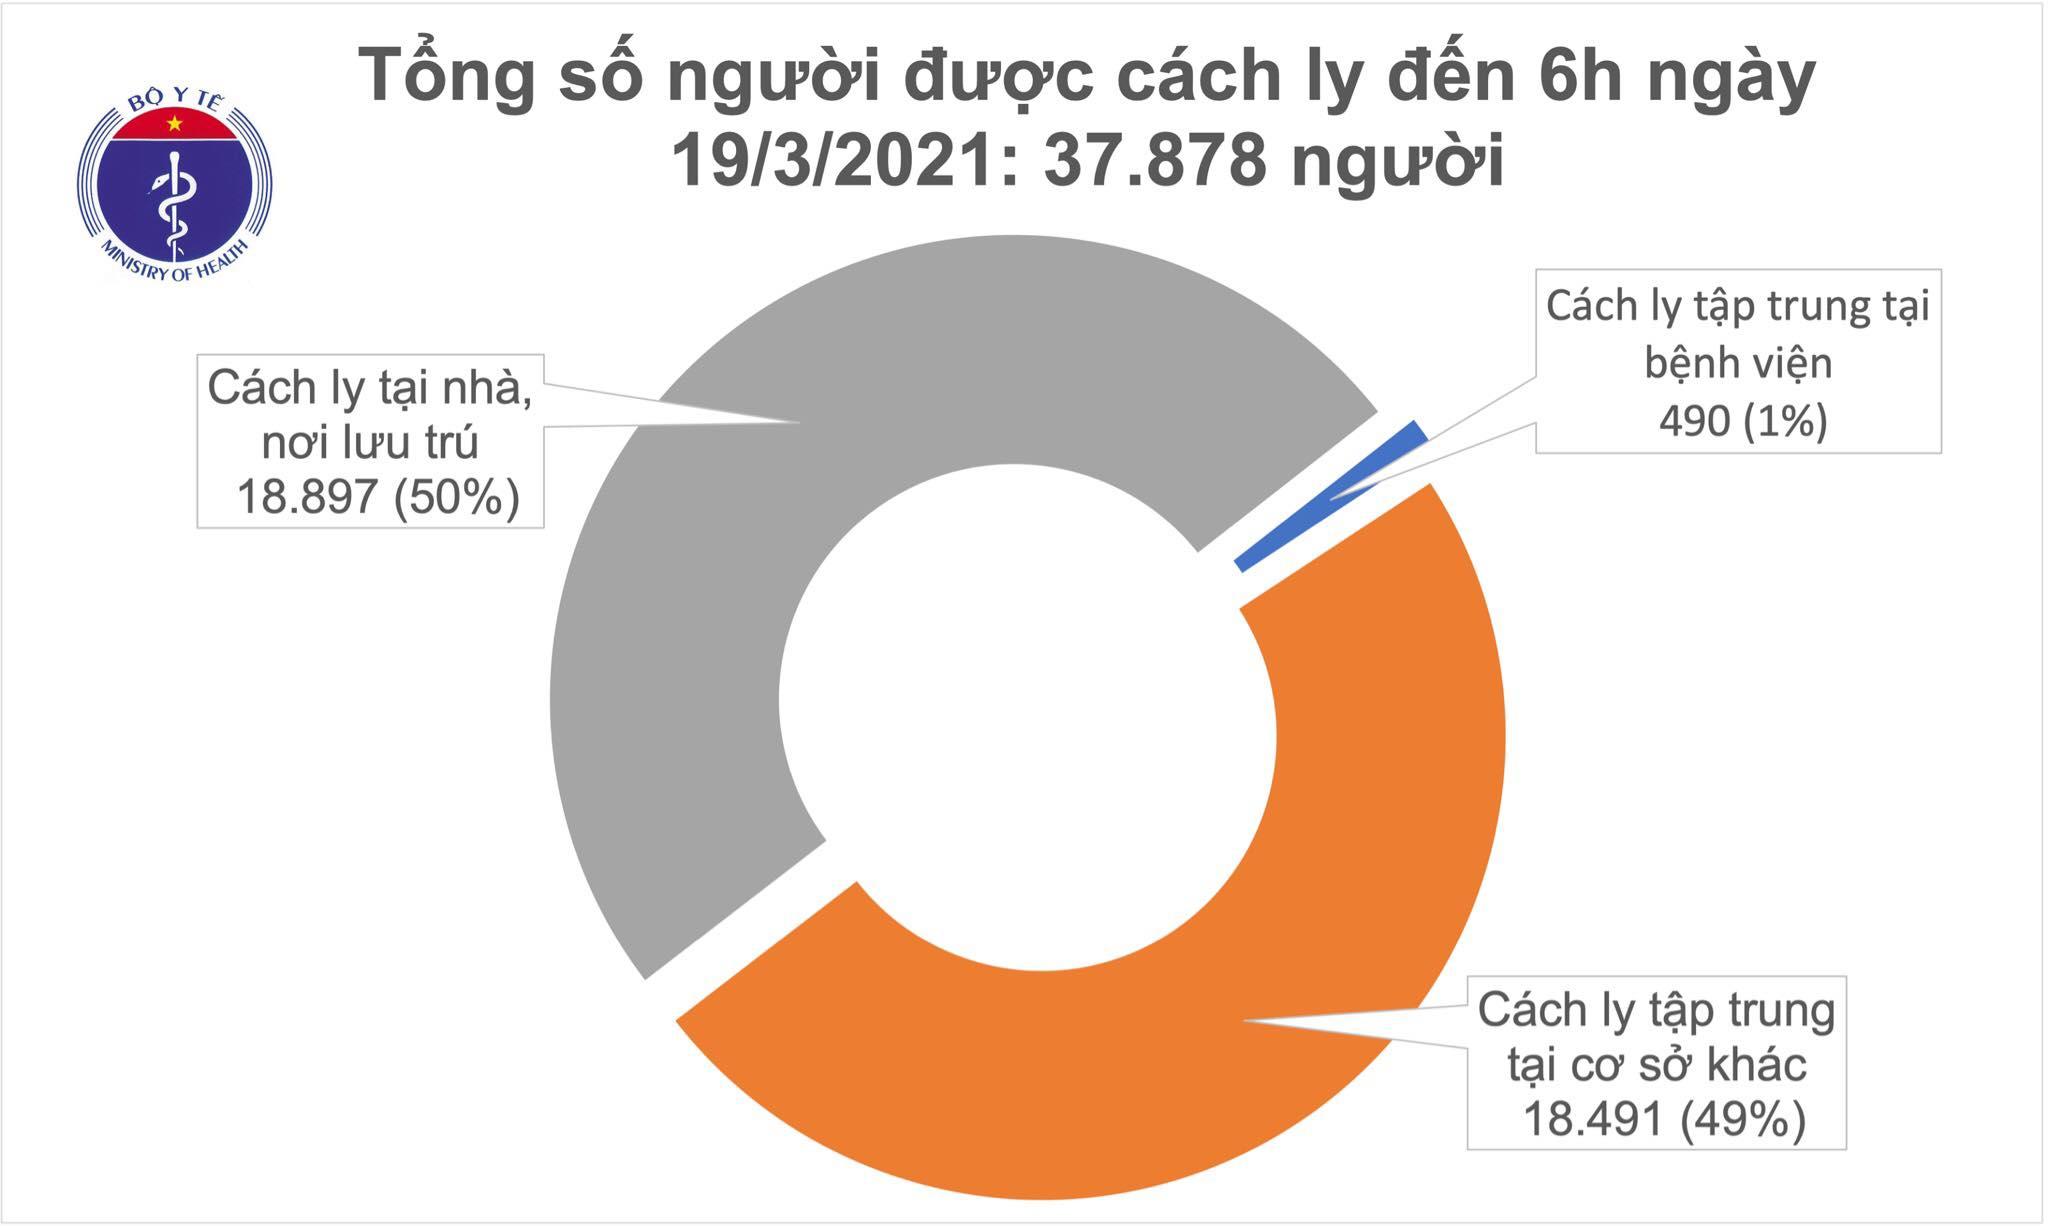 Sáng 19/3, hơn 27.500 người Việt Nam đã tiêm vắc xin COVID-19, không có thêm ca mắc - Ảnh 1.